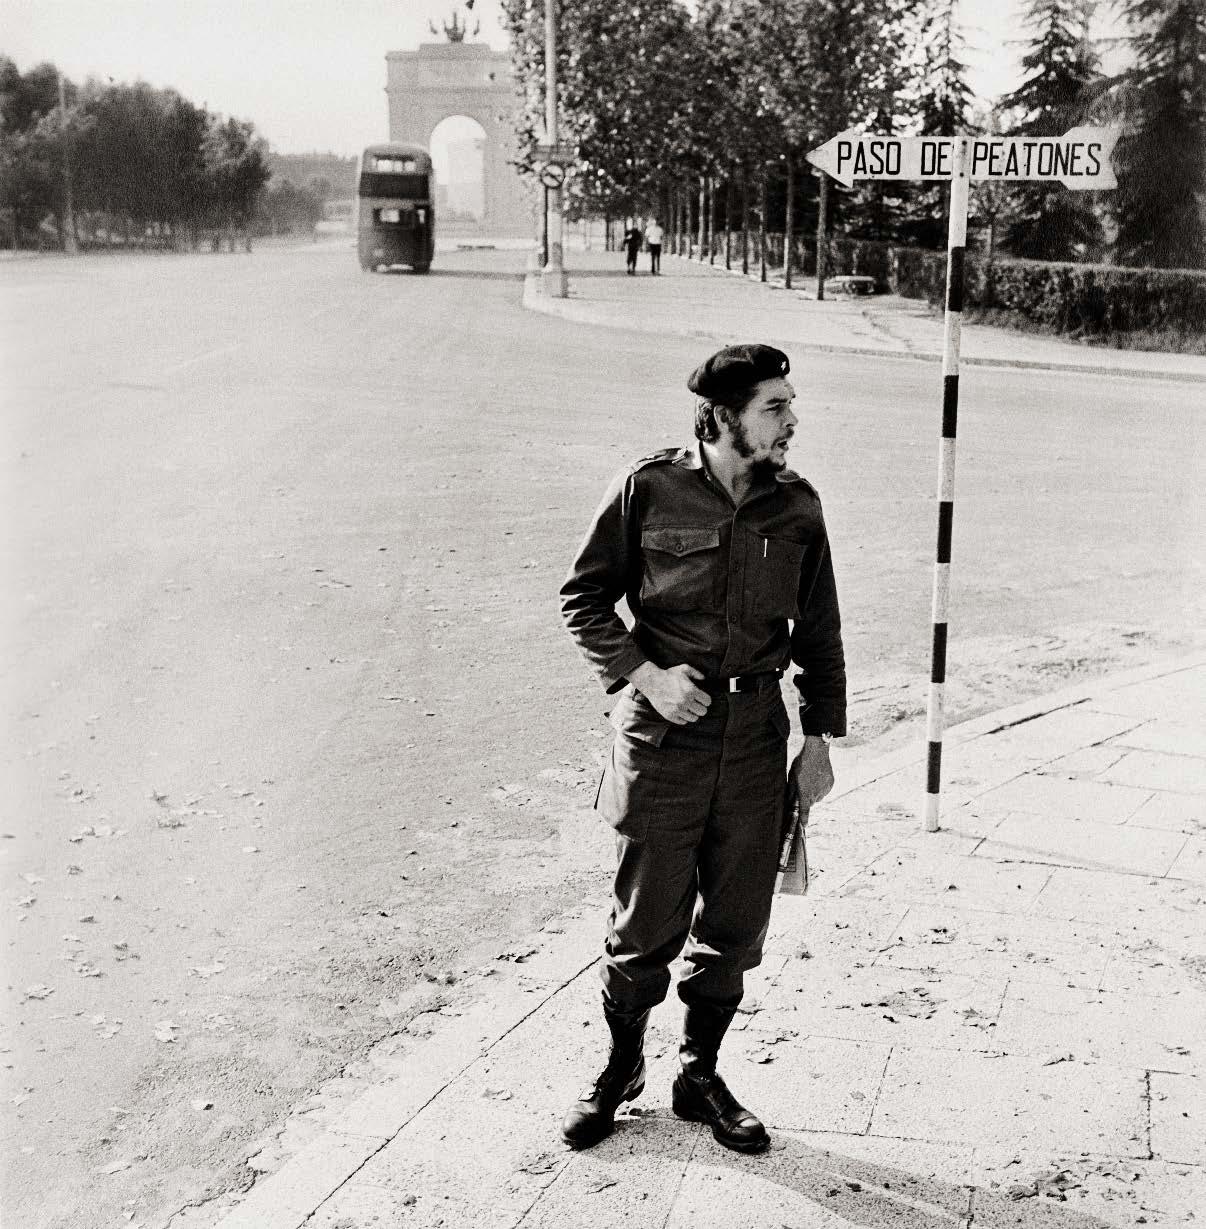 Ο Τσε Γκεβάρα, ως υπουργός στο φρέσκο καθεστώς του Φιντέλ Κάστρο, στην Πανεπιστημιούπολη το 1959: o César Lucas έχει φωτογραφίσει τους πάντες, από τον Μπάστερ Κίτον μέχρι τον Σον Κόνερι και από την Μπριζίτ Μπαρντό μέχρι τον Τζον Λένον, ωστόσο αυτή φωτογραφία του Τσε - η οποία έγινε γνωστή μετά από έκθεση τη δεκαετία του 1980- παραμένει από τα πιο διάσημα έργα του